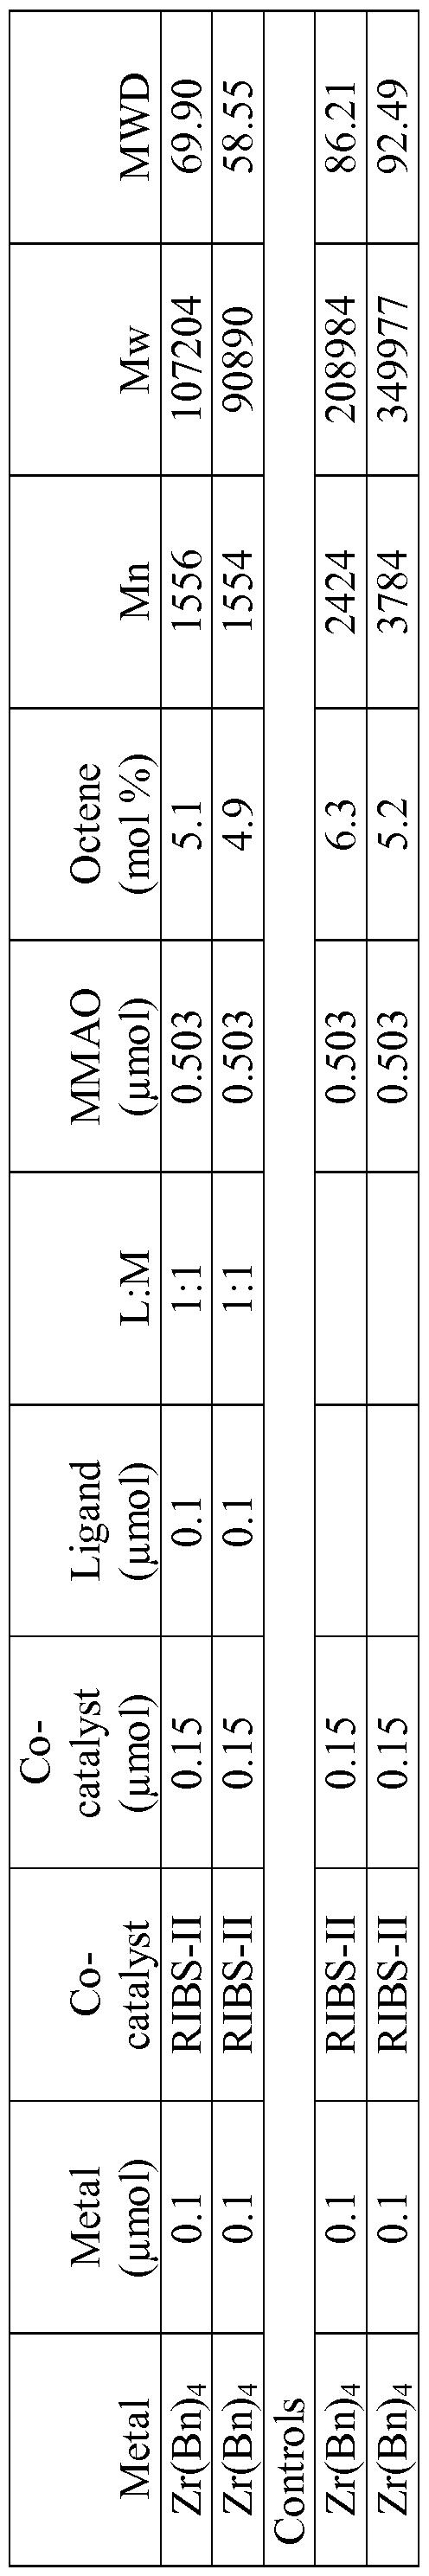 Figure imgf000078_0004